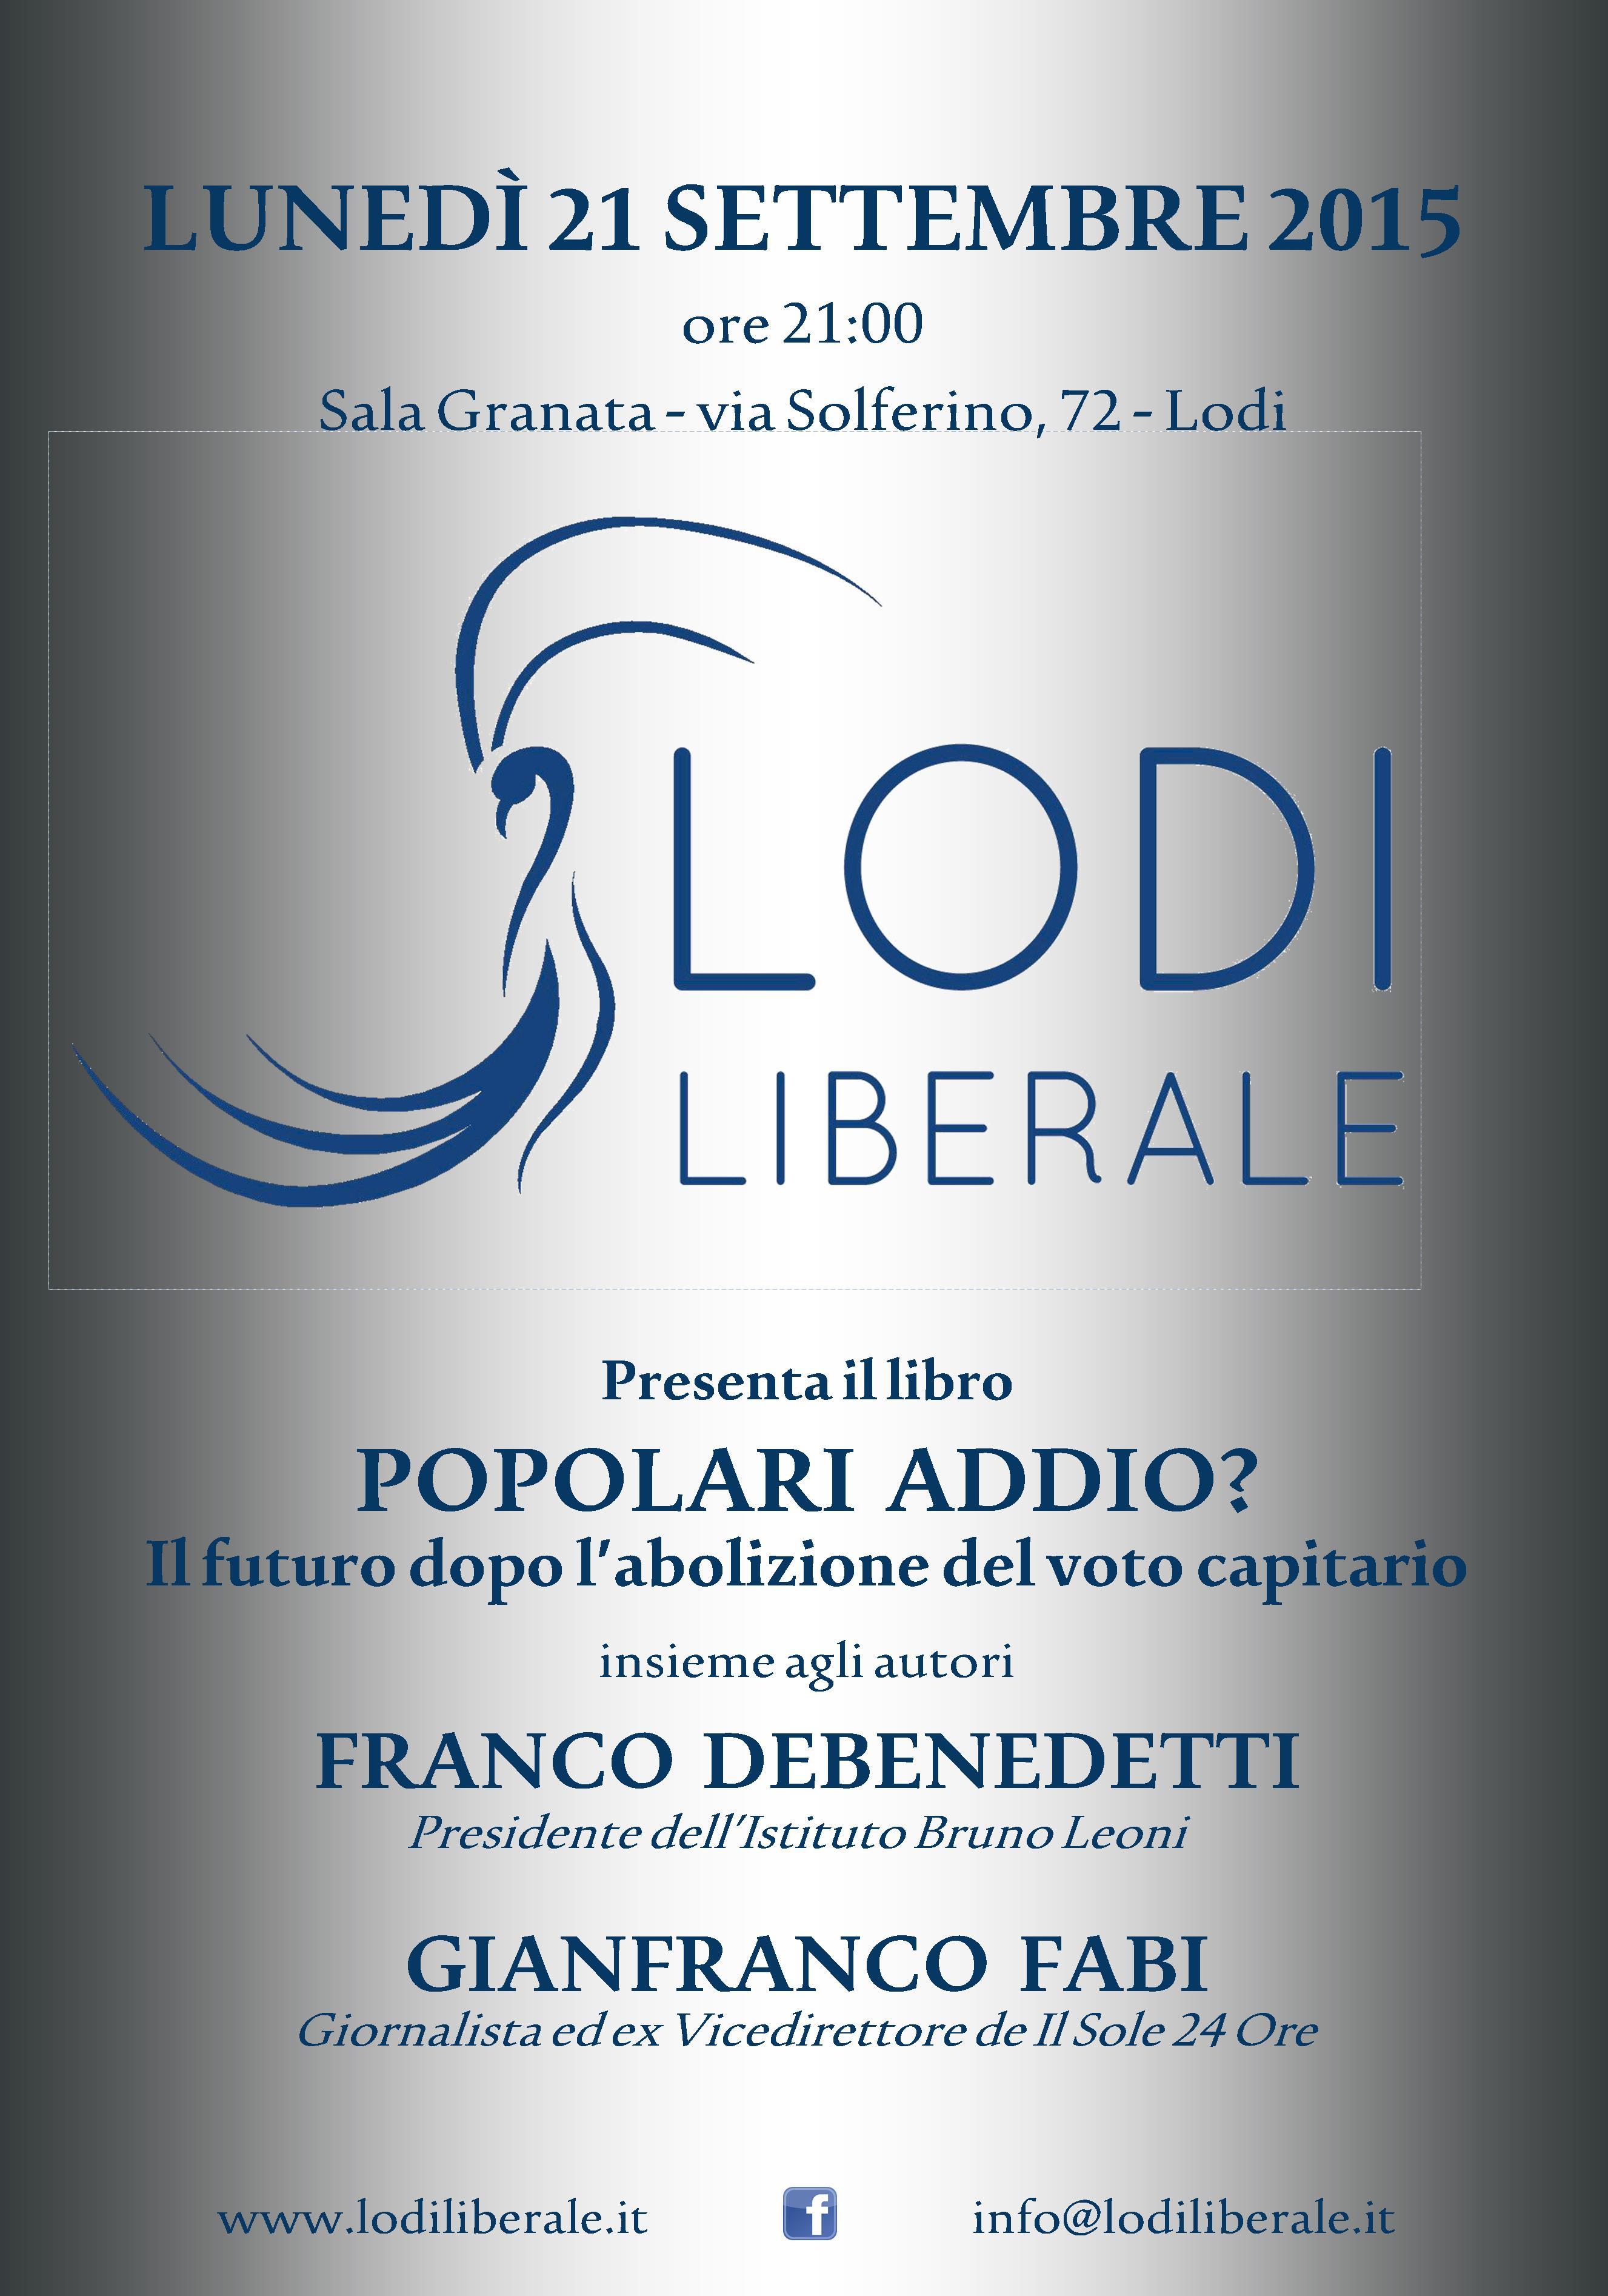 """Associazione Lodi Liberale - Presentazione del libro """"Popolari addio. Il futuro dopo l'abolizione del voto capitario"""" di Franco Debenedetti e Gianfranco Fabi"""